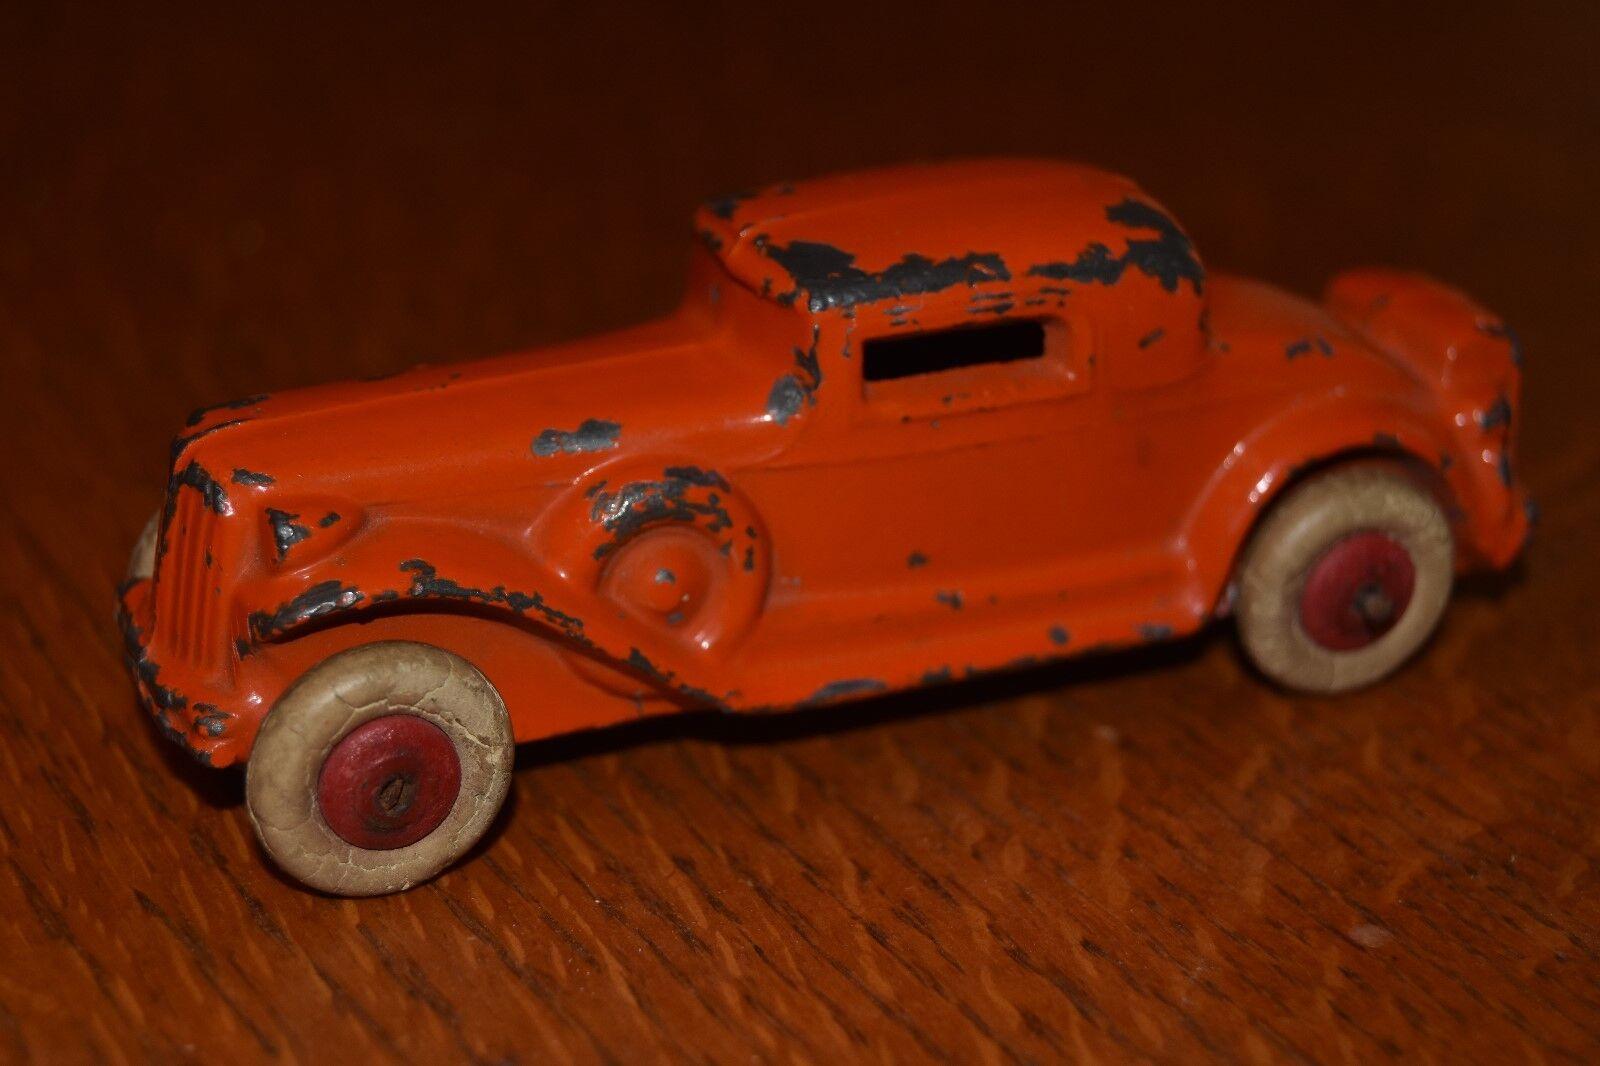 sport dello shopping online RARE vintage OLD arancia cast iron 4 1 4 4 4  lungo giocattolo auto sedan  100% nuovo di zecca con qualità originale